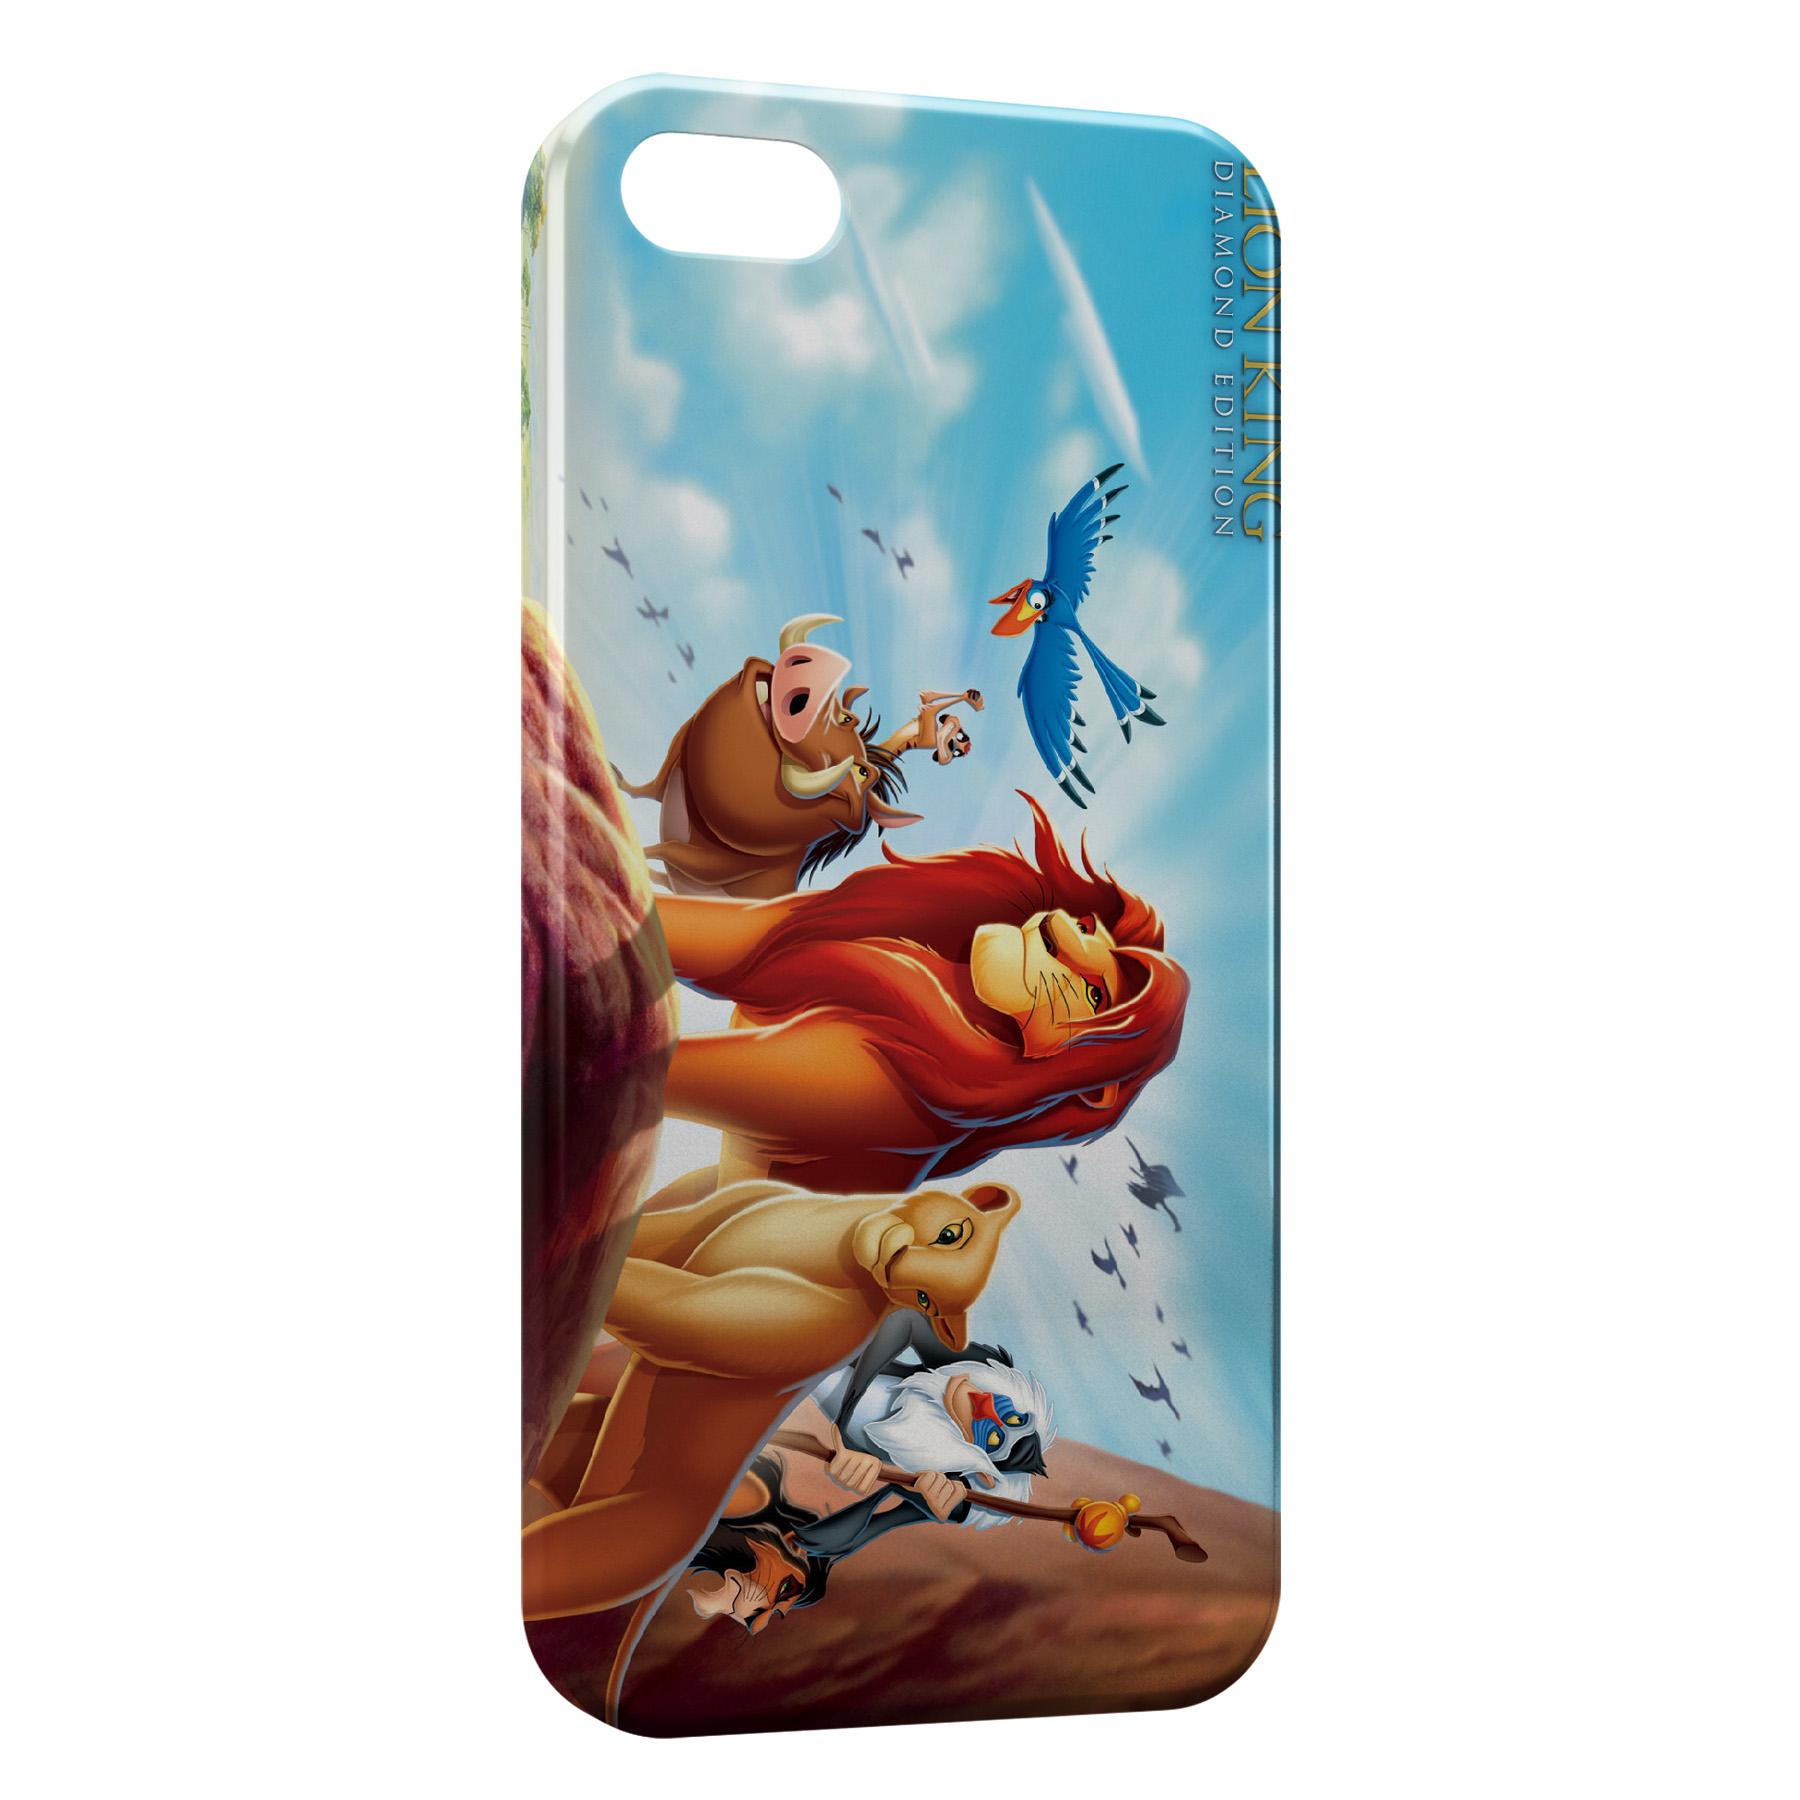 iphone 6 coque roi lion